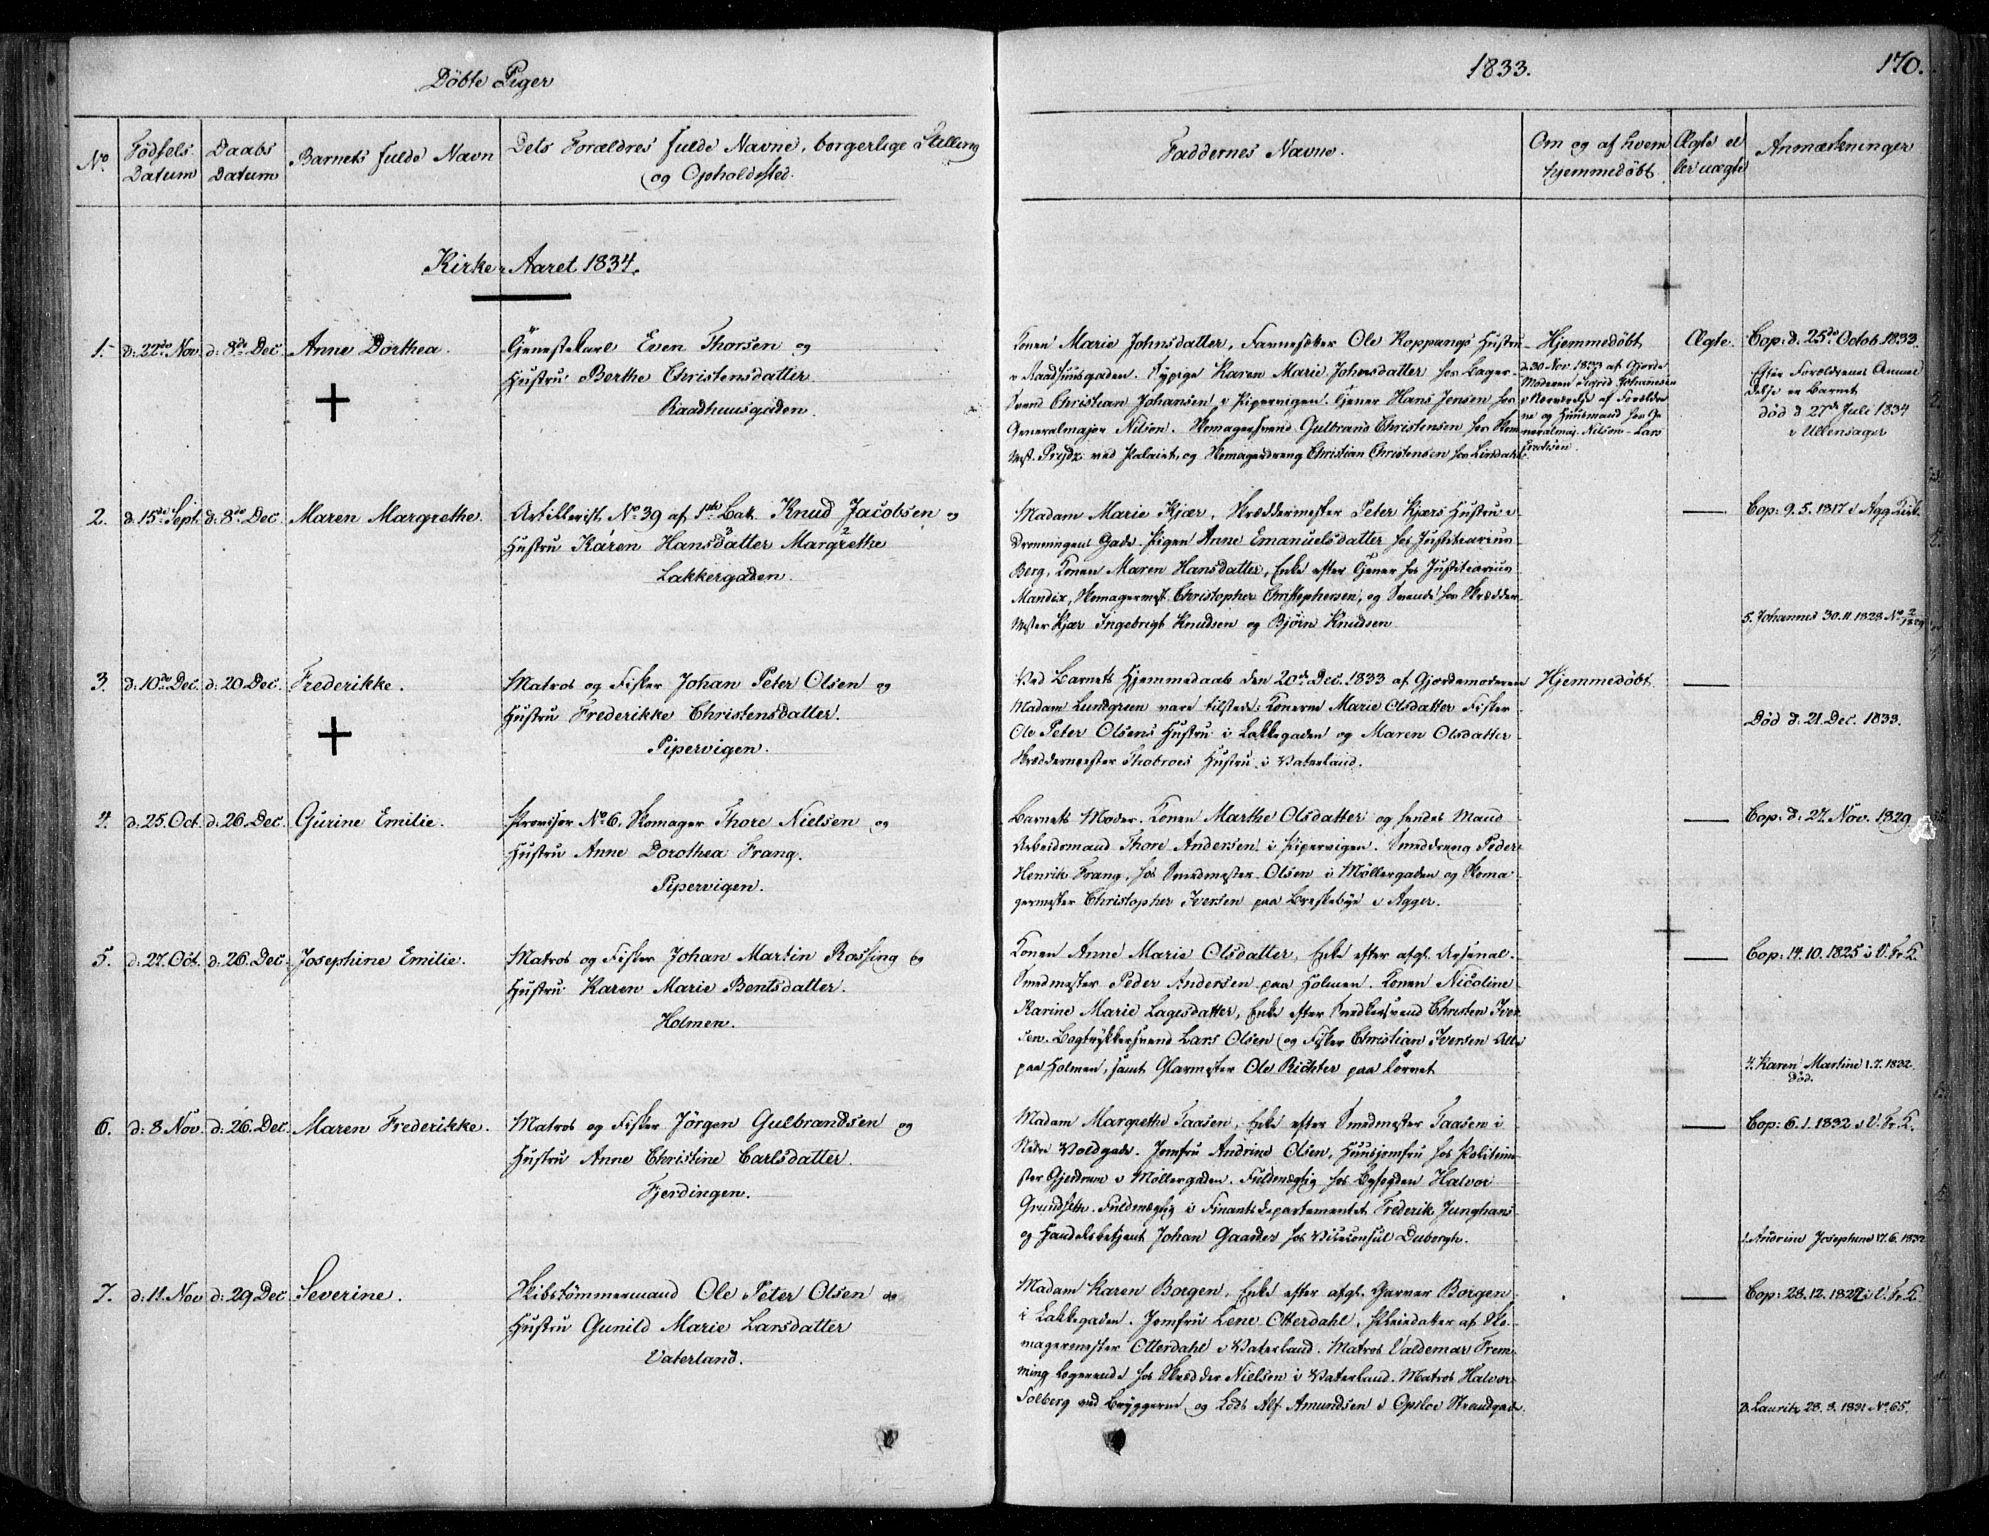 SAO, Garnisonsmenigheten Kirkebøker, F/Fa/L0006: Ministerialbok nr. 6, 1828-1841, s. 170